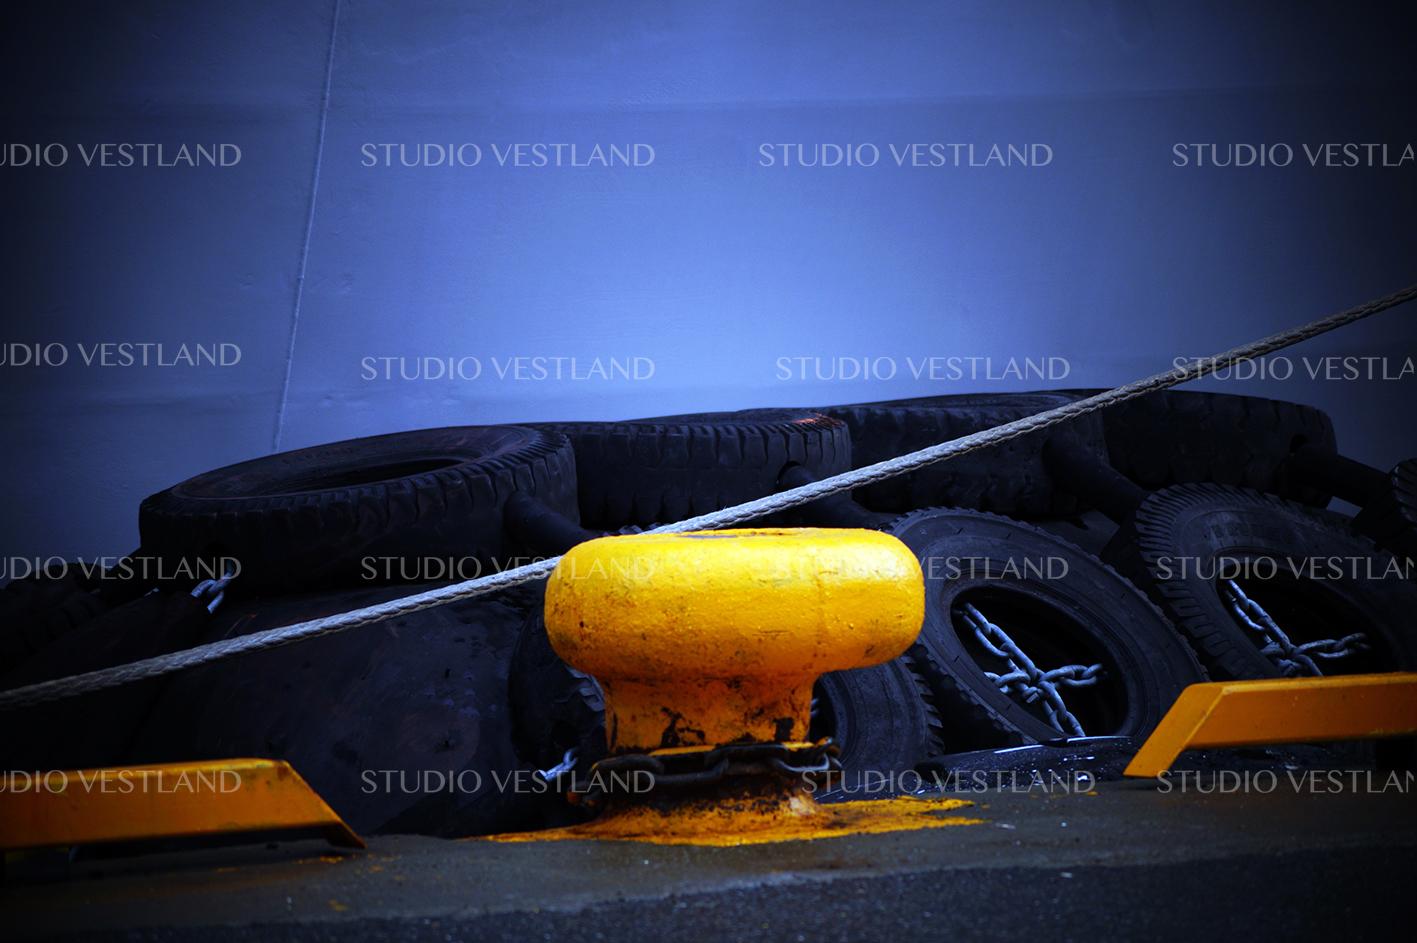 Studio Vestland - Pullert 06